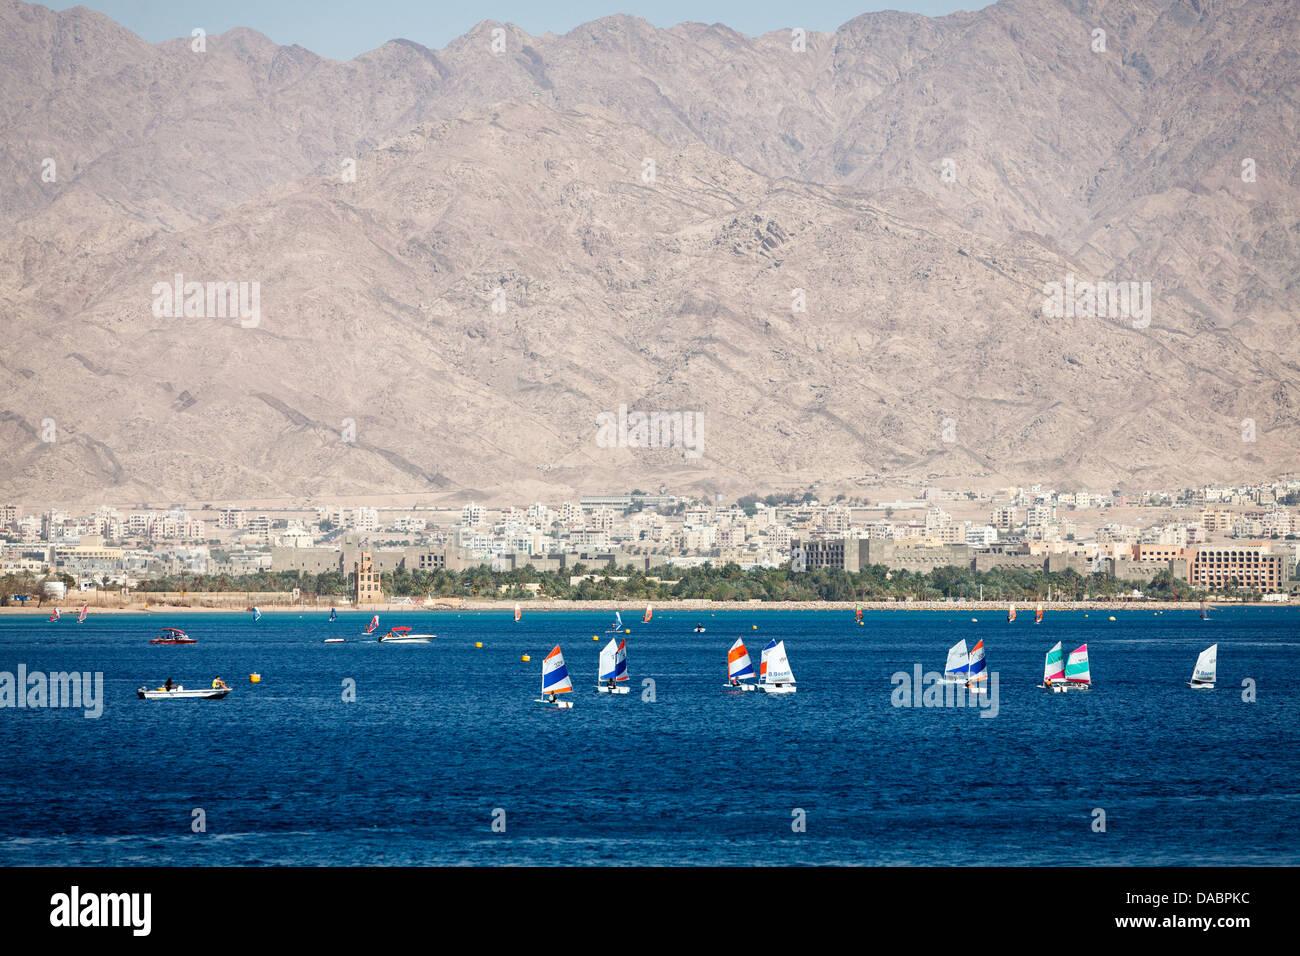 La planche à voile, Eilat, Israël, Moyen Orient Photo Stock